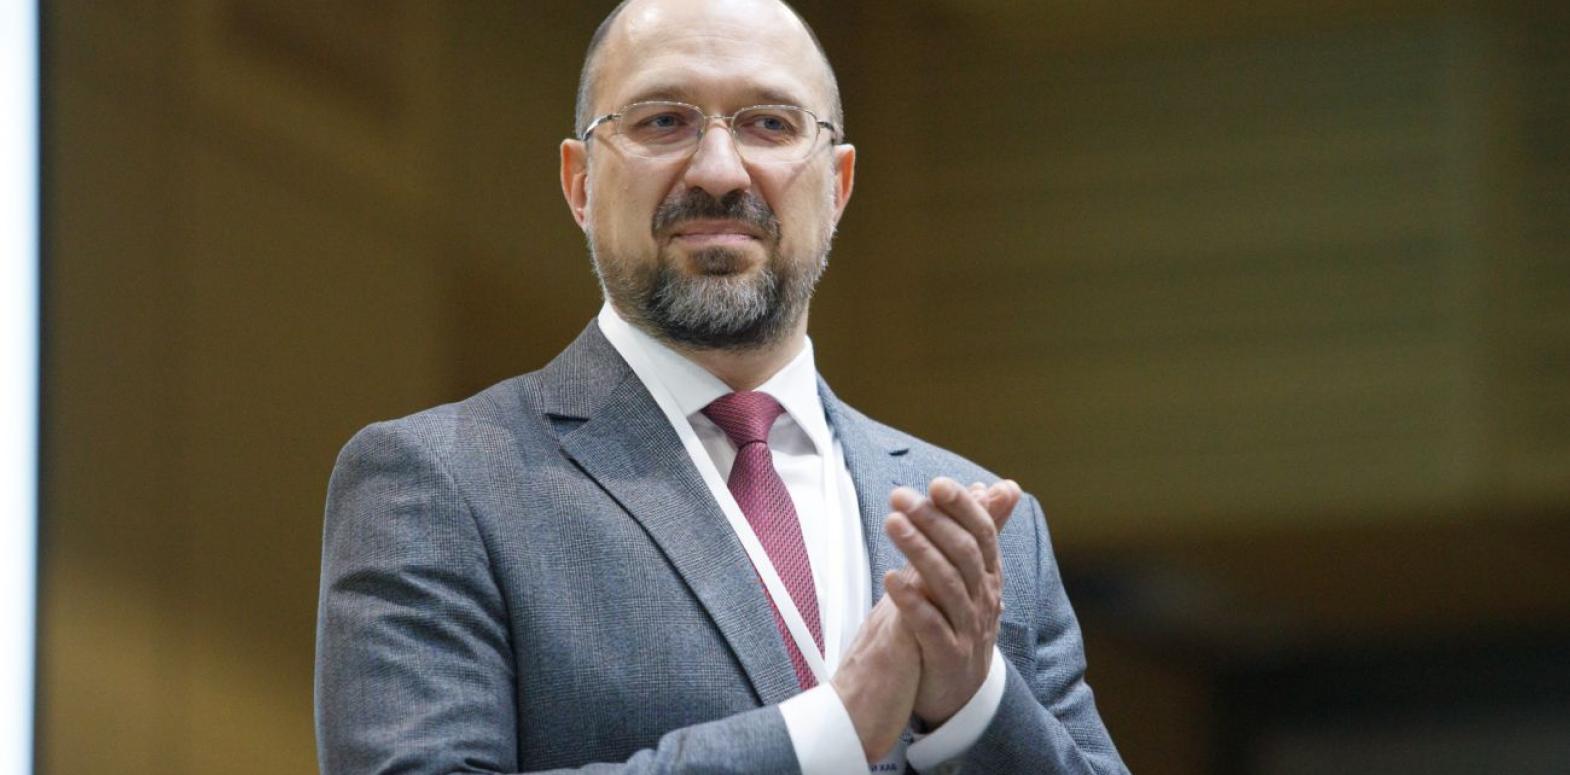 Украина получит транши МВФ в три этапа, - премьер